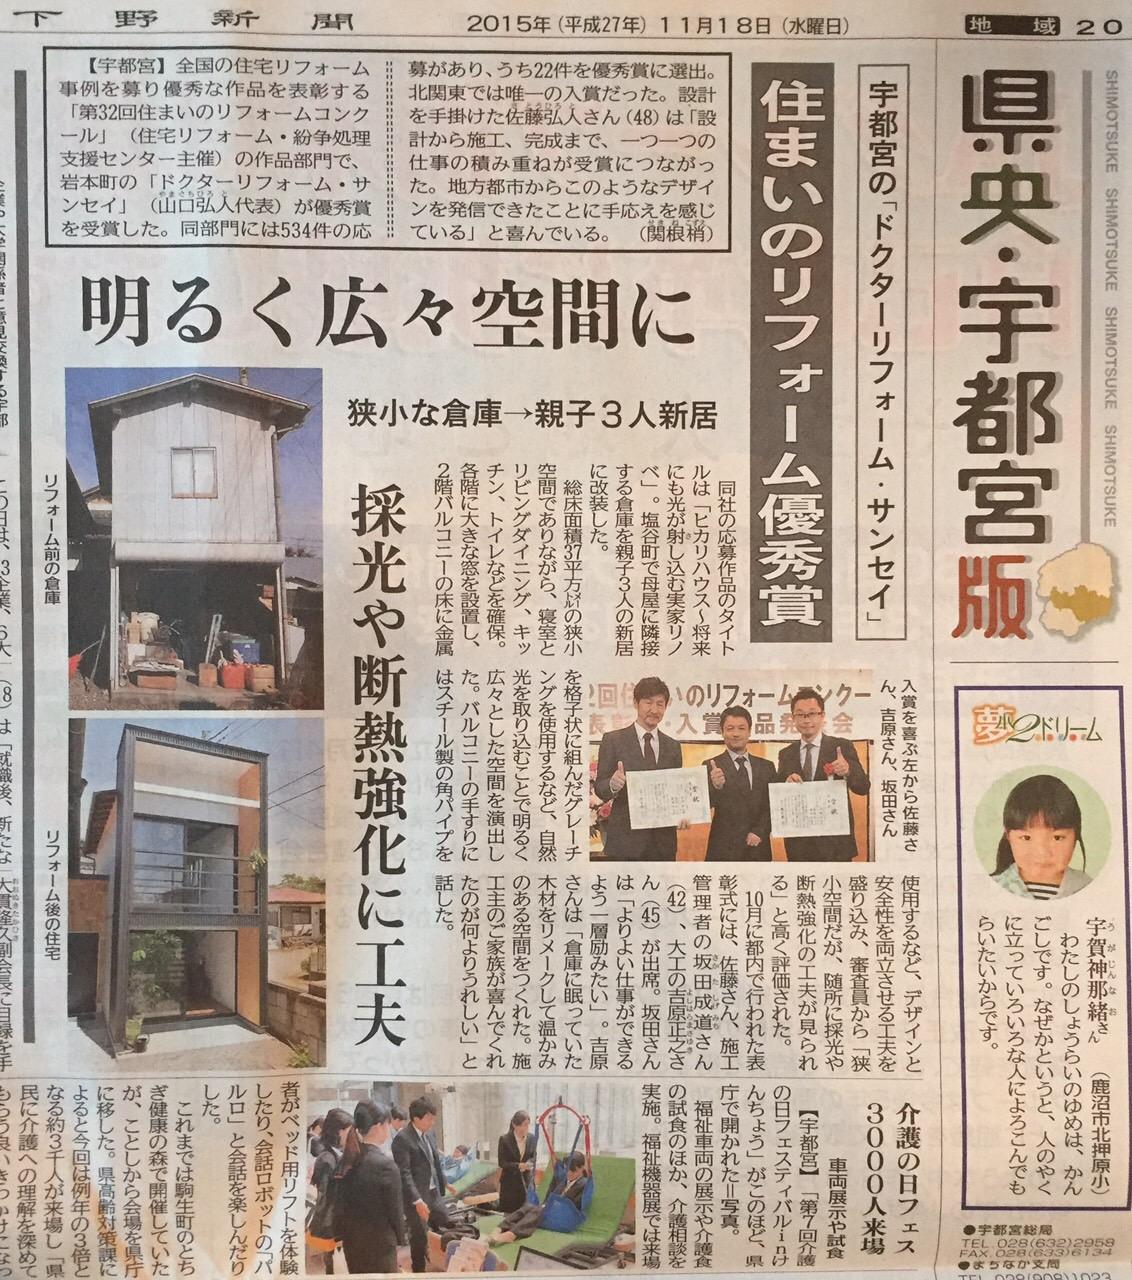 下野新聞住まいのリフォームコンクール受賞記事2015.11.18